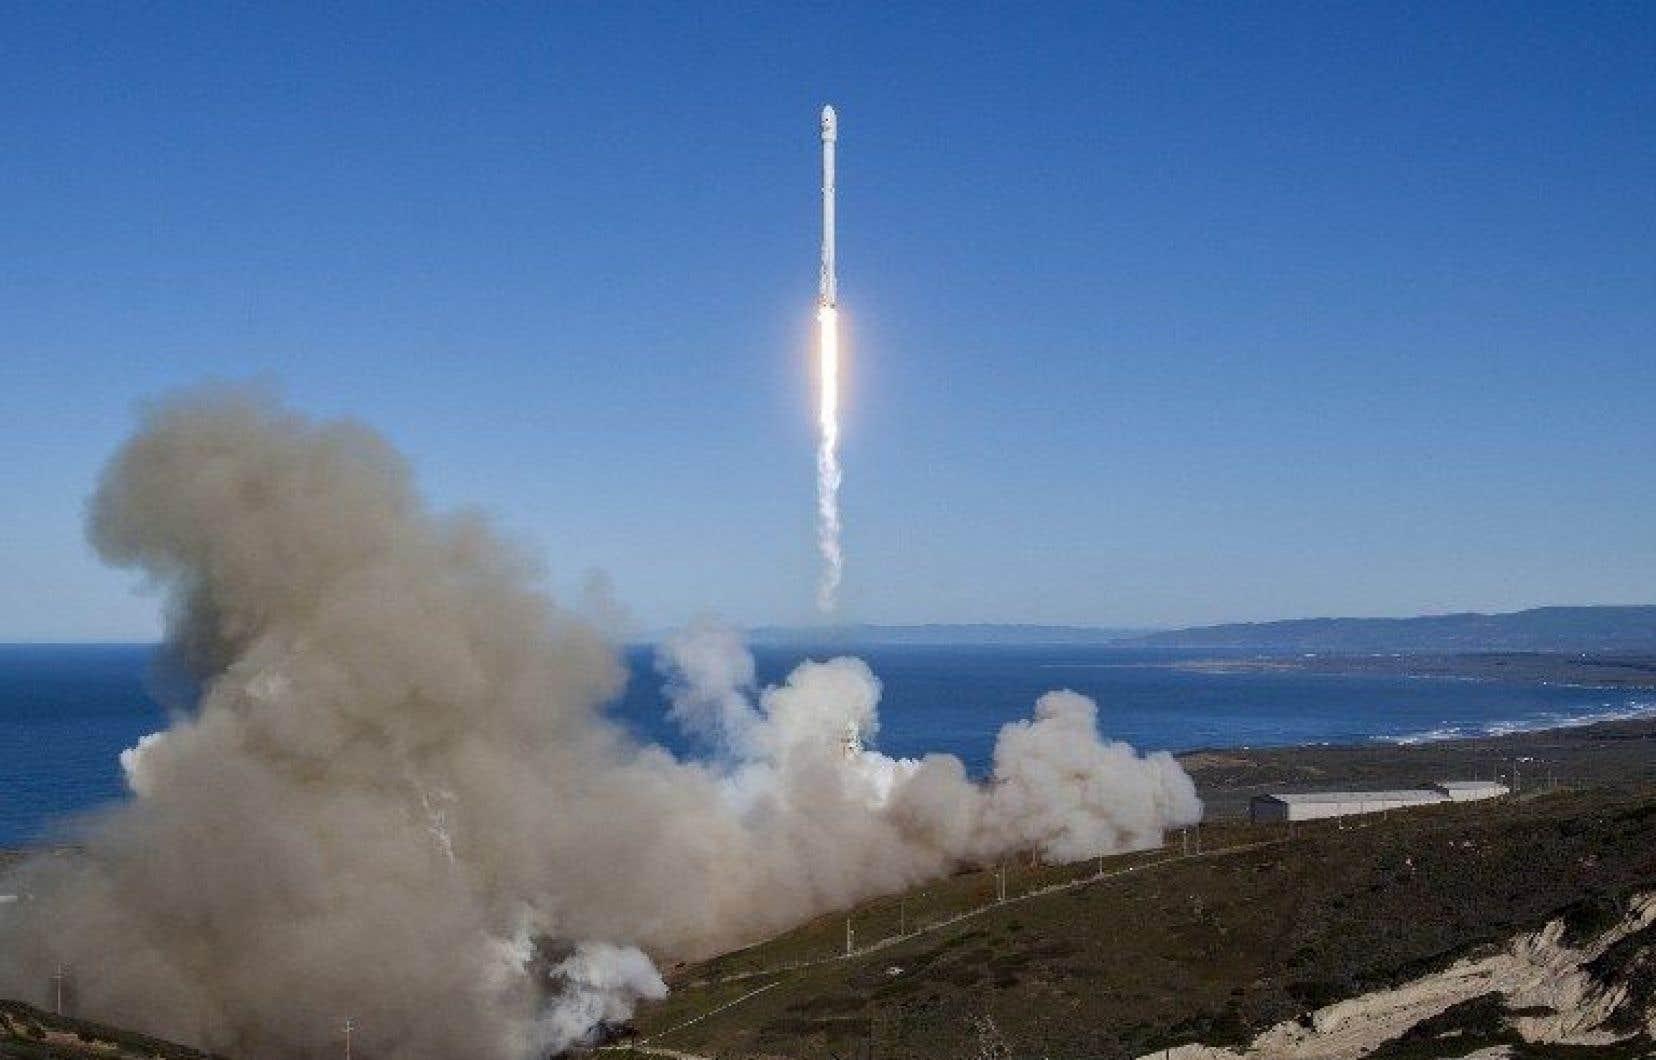 Falcon 9 s'est arrachée de son pas de tir sur la base aérienne de Vandenberg, comme prévu, à 9 h 54.